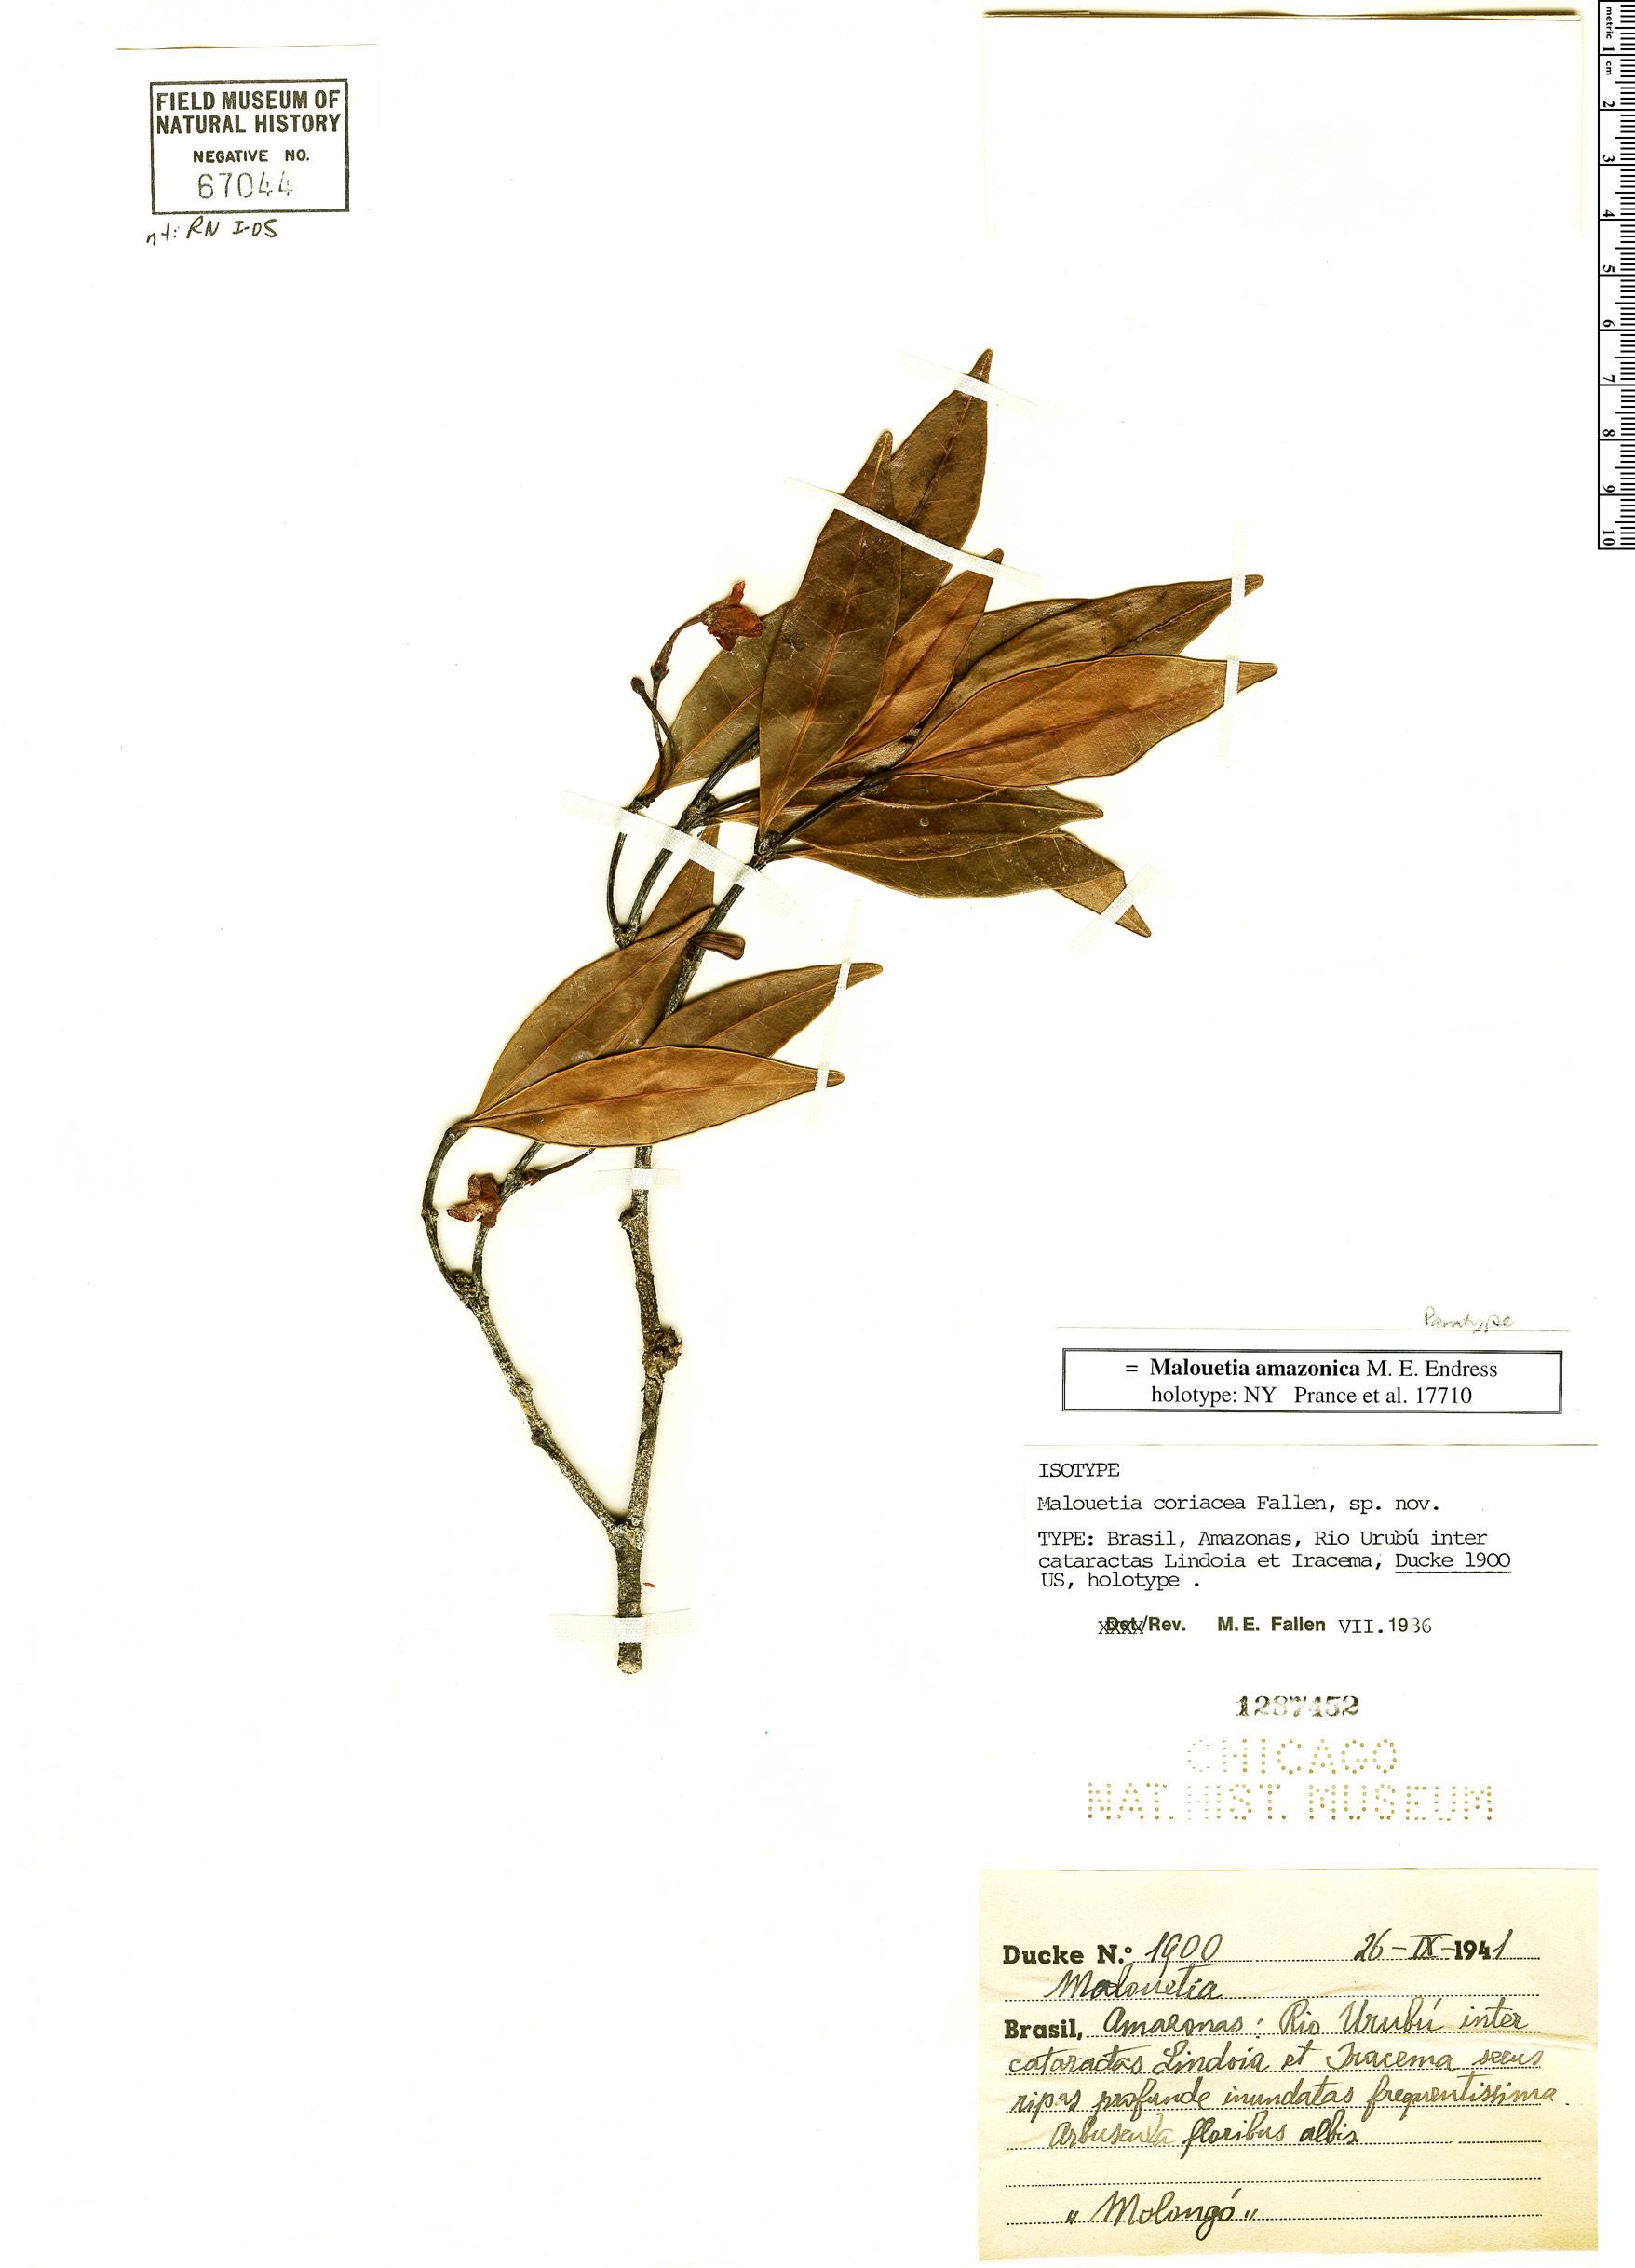 Specimen: Malouetia amazonica